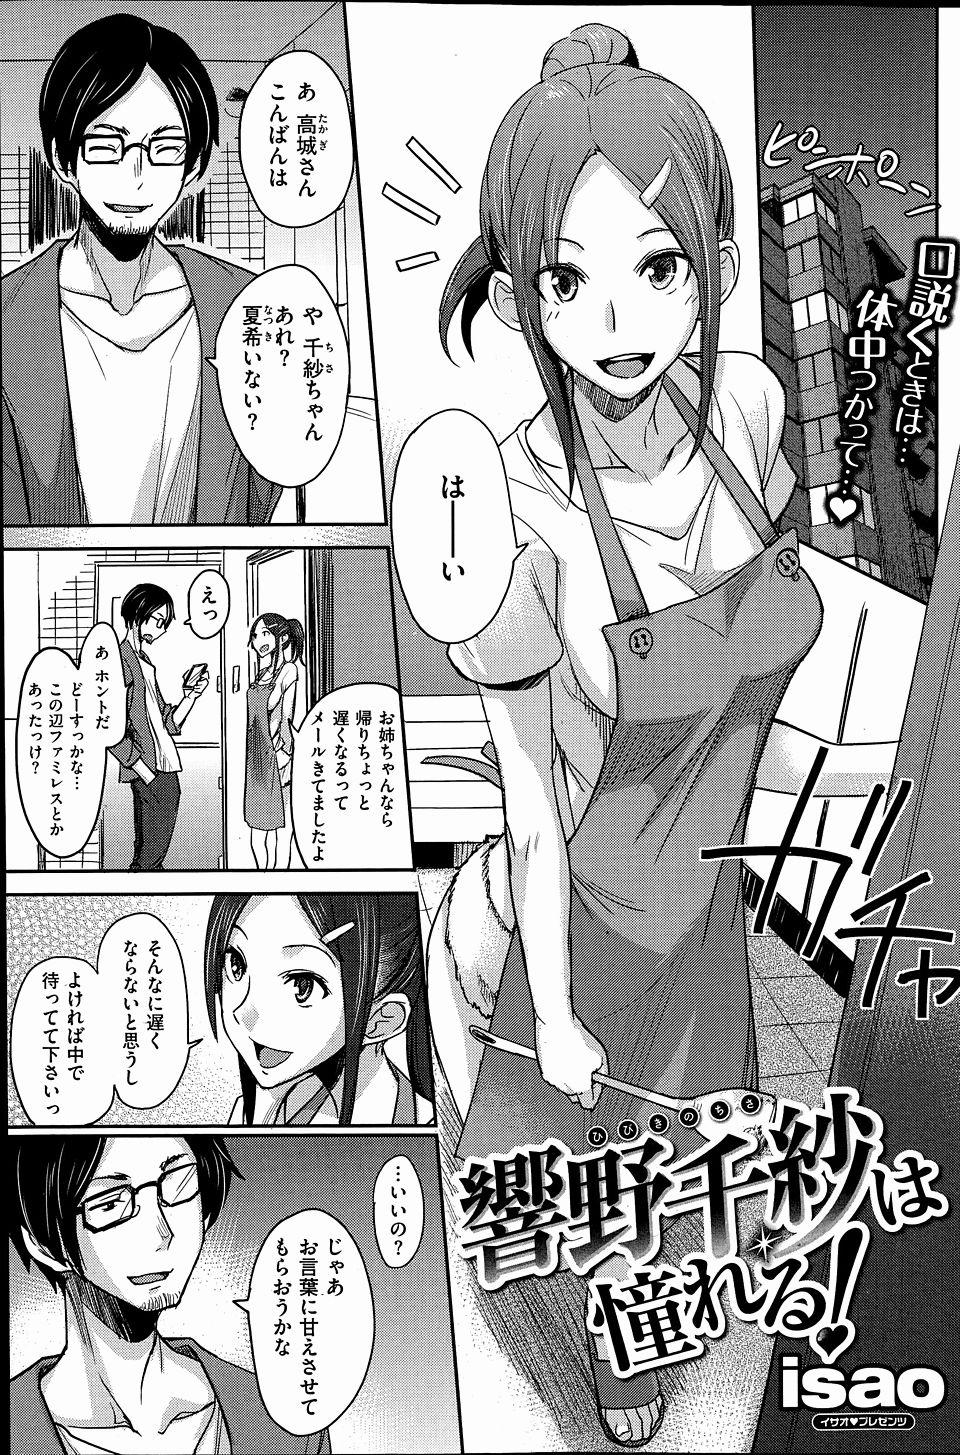 【エロ漫画】彼女の妹に手を出したら、妹のほうもセックスの快感にハマってしまい病み付きに!!【無料 エロ同人誌】